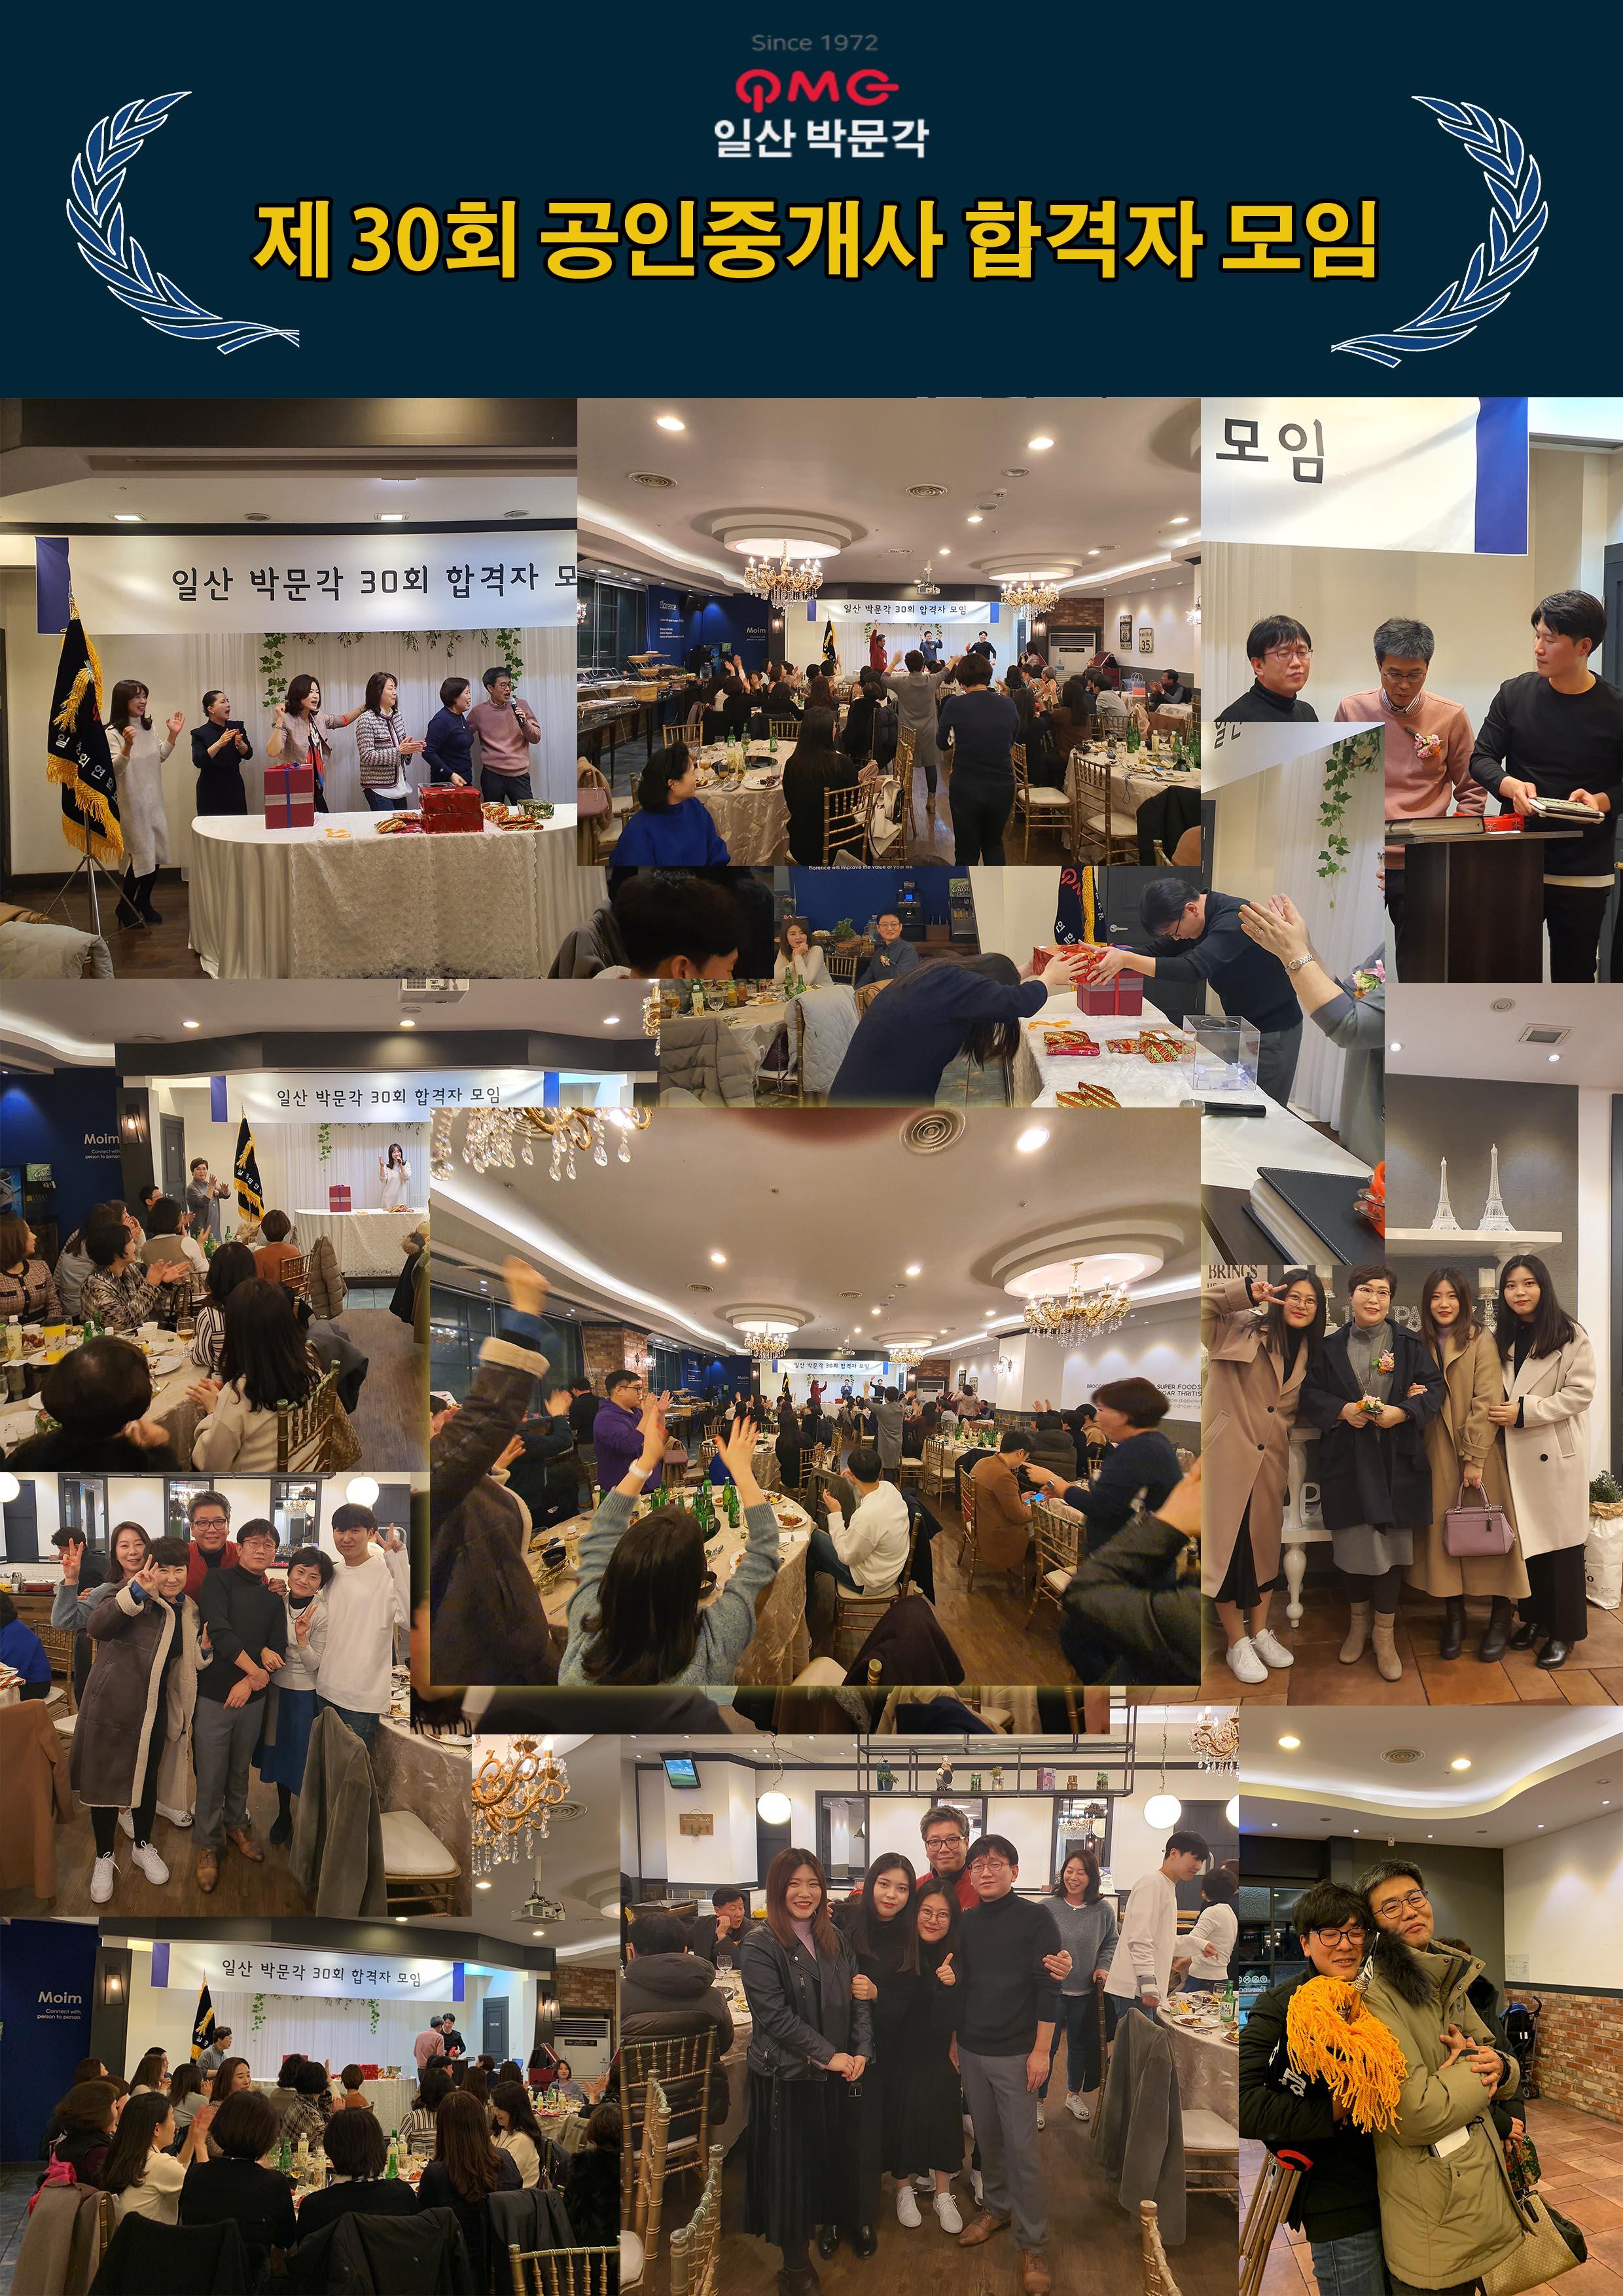 공인중개사 30회 합격자 모임 사진-2